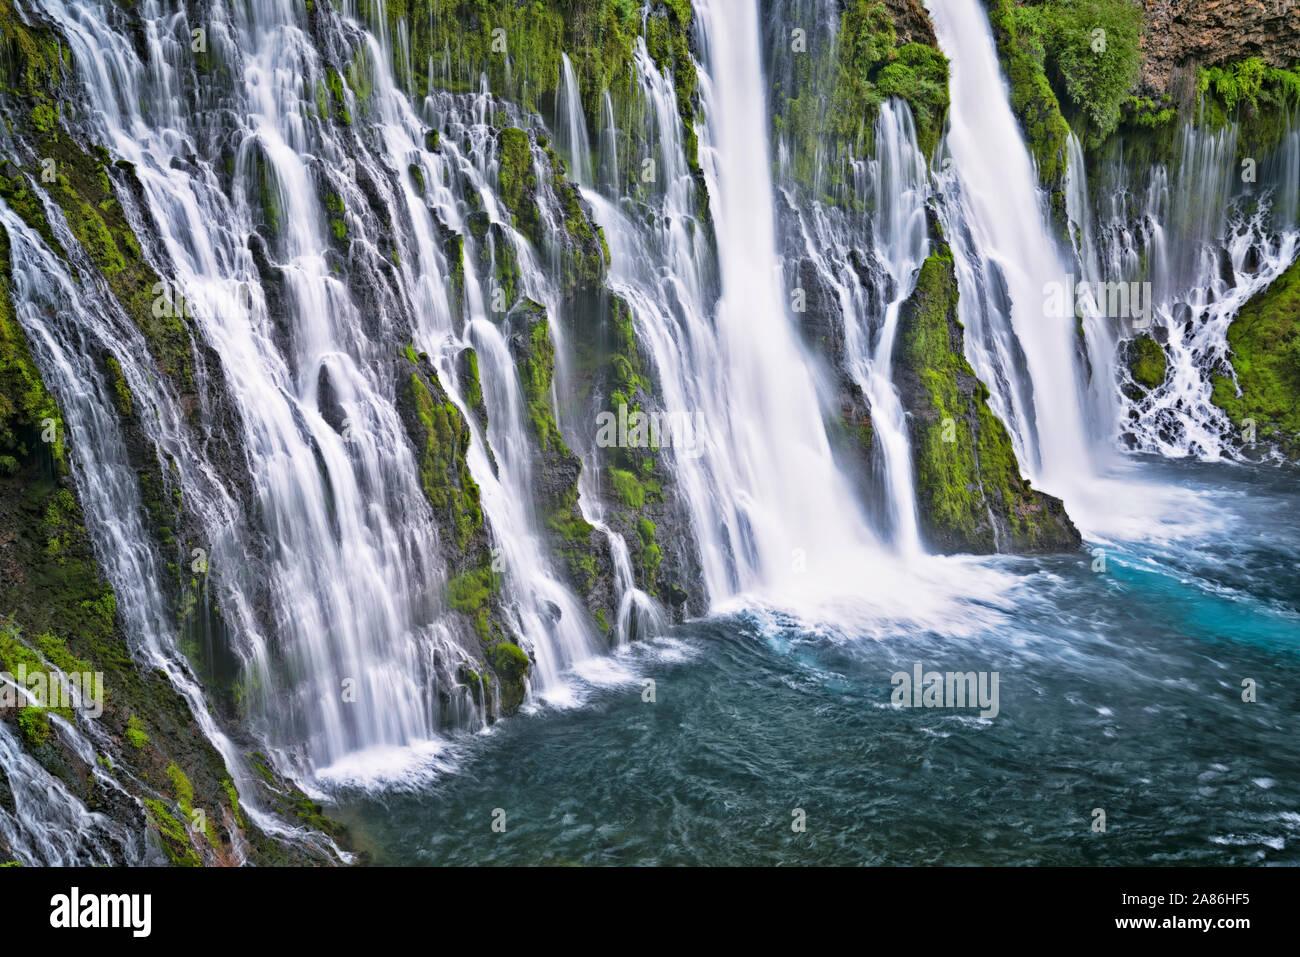 Burney Wasserfälle kaskaden 129 Fuß über Moos bedeckt Basalt im nördlichen Kalifornien Mc Arthur-Burney fällt Memorial State Park in der Cascade Mountain lief Stockfoto